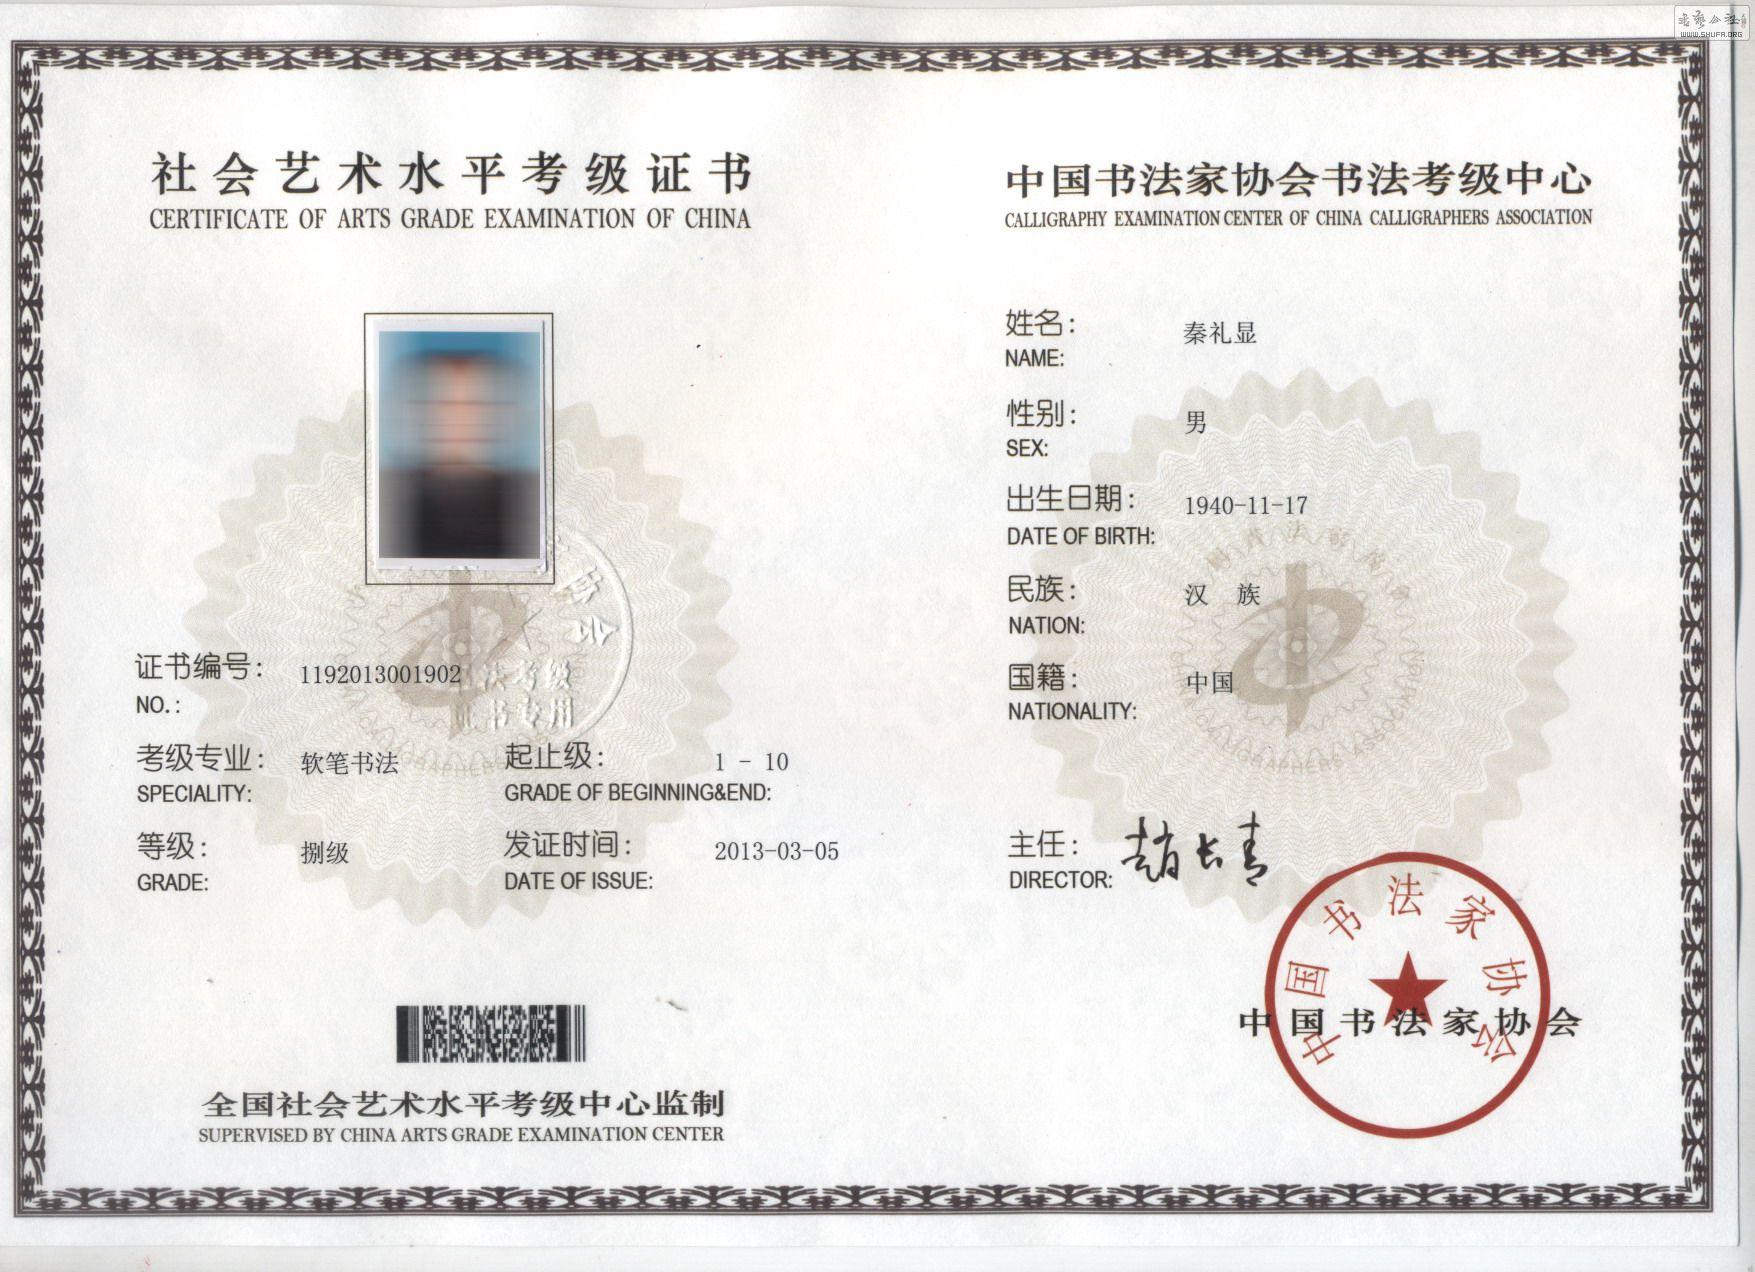 中国书法家协会全国书法艺术水平等级考试证书